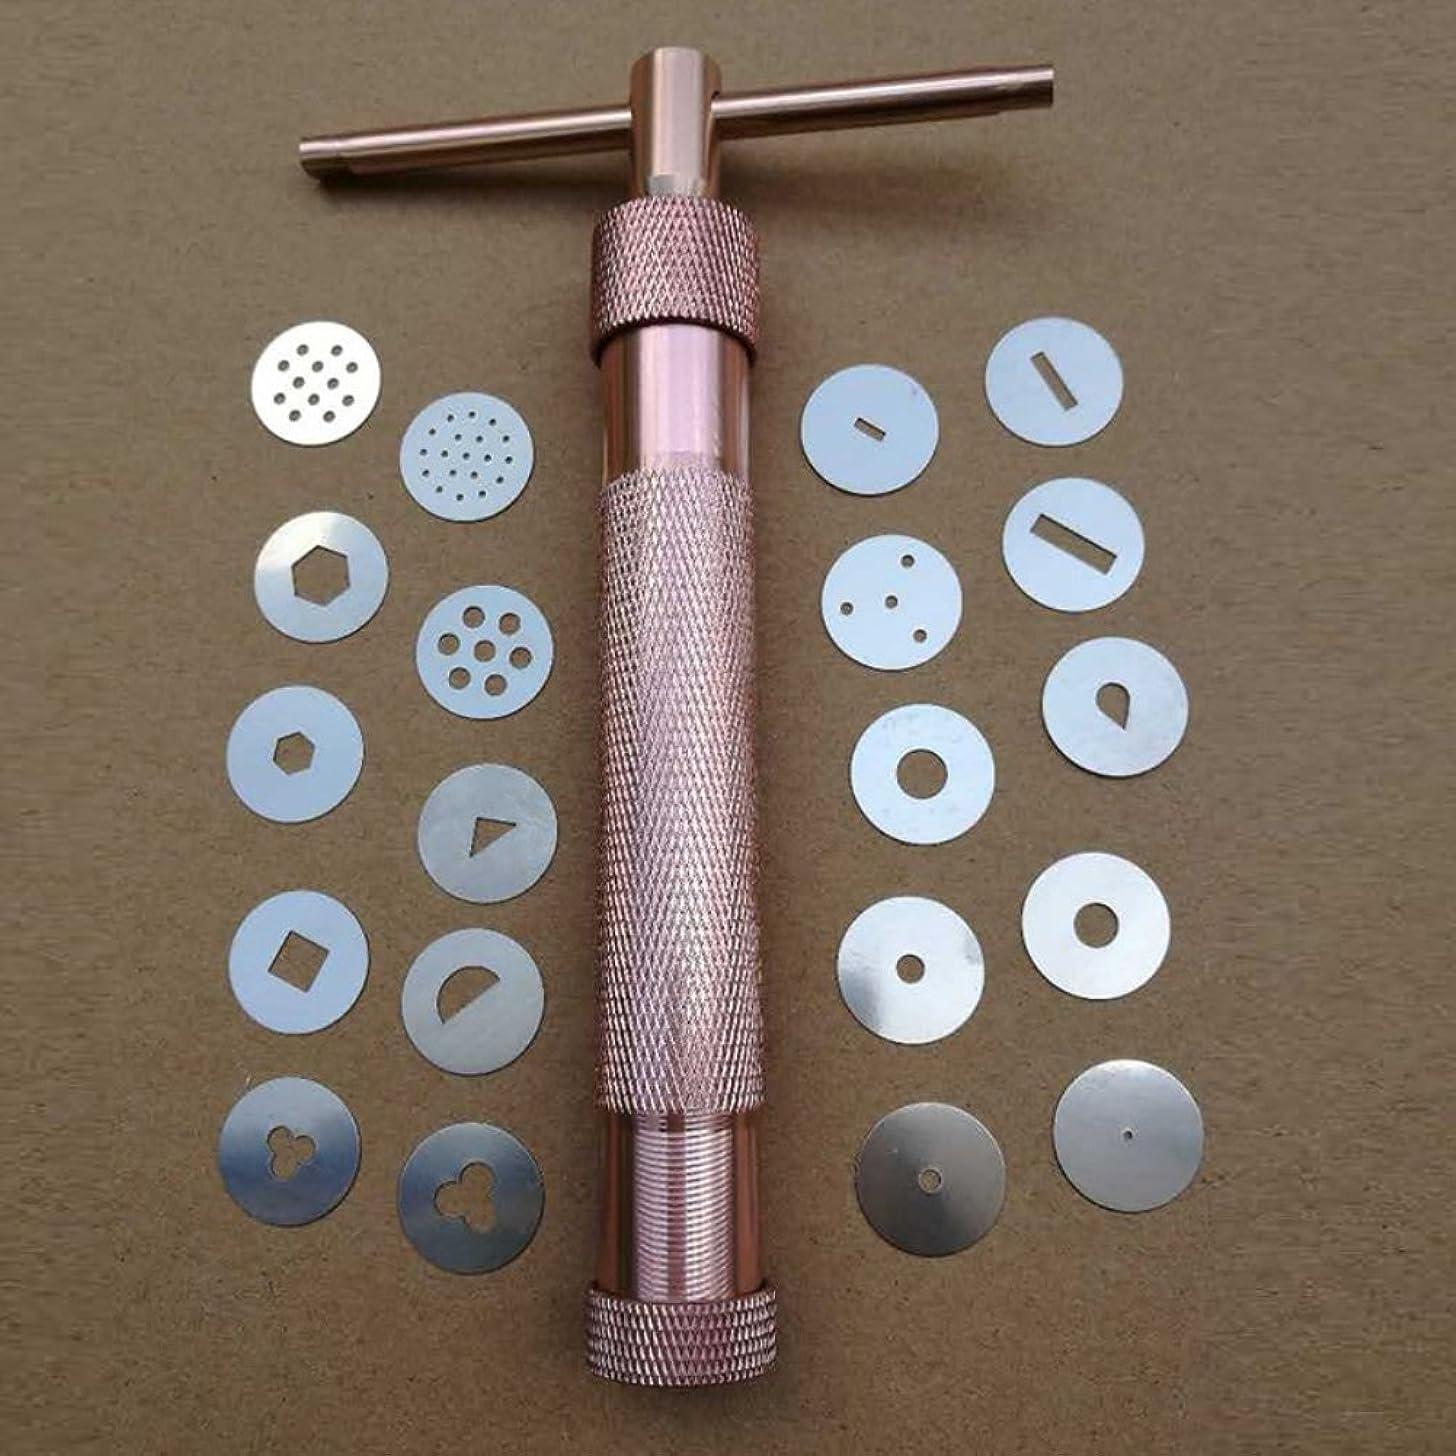 ペンス困惑した台風Messagee 亜鉛合金製回転式 ガーリックプレス にんにく絞り器 20 モデル 調理器具 手動研磨 キッチン ニンニク 麺作り 家庭